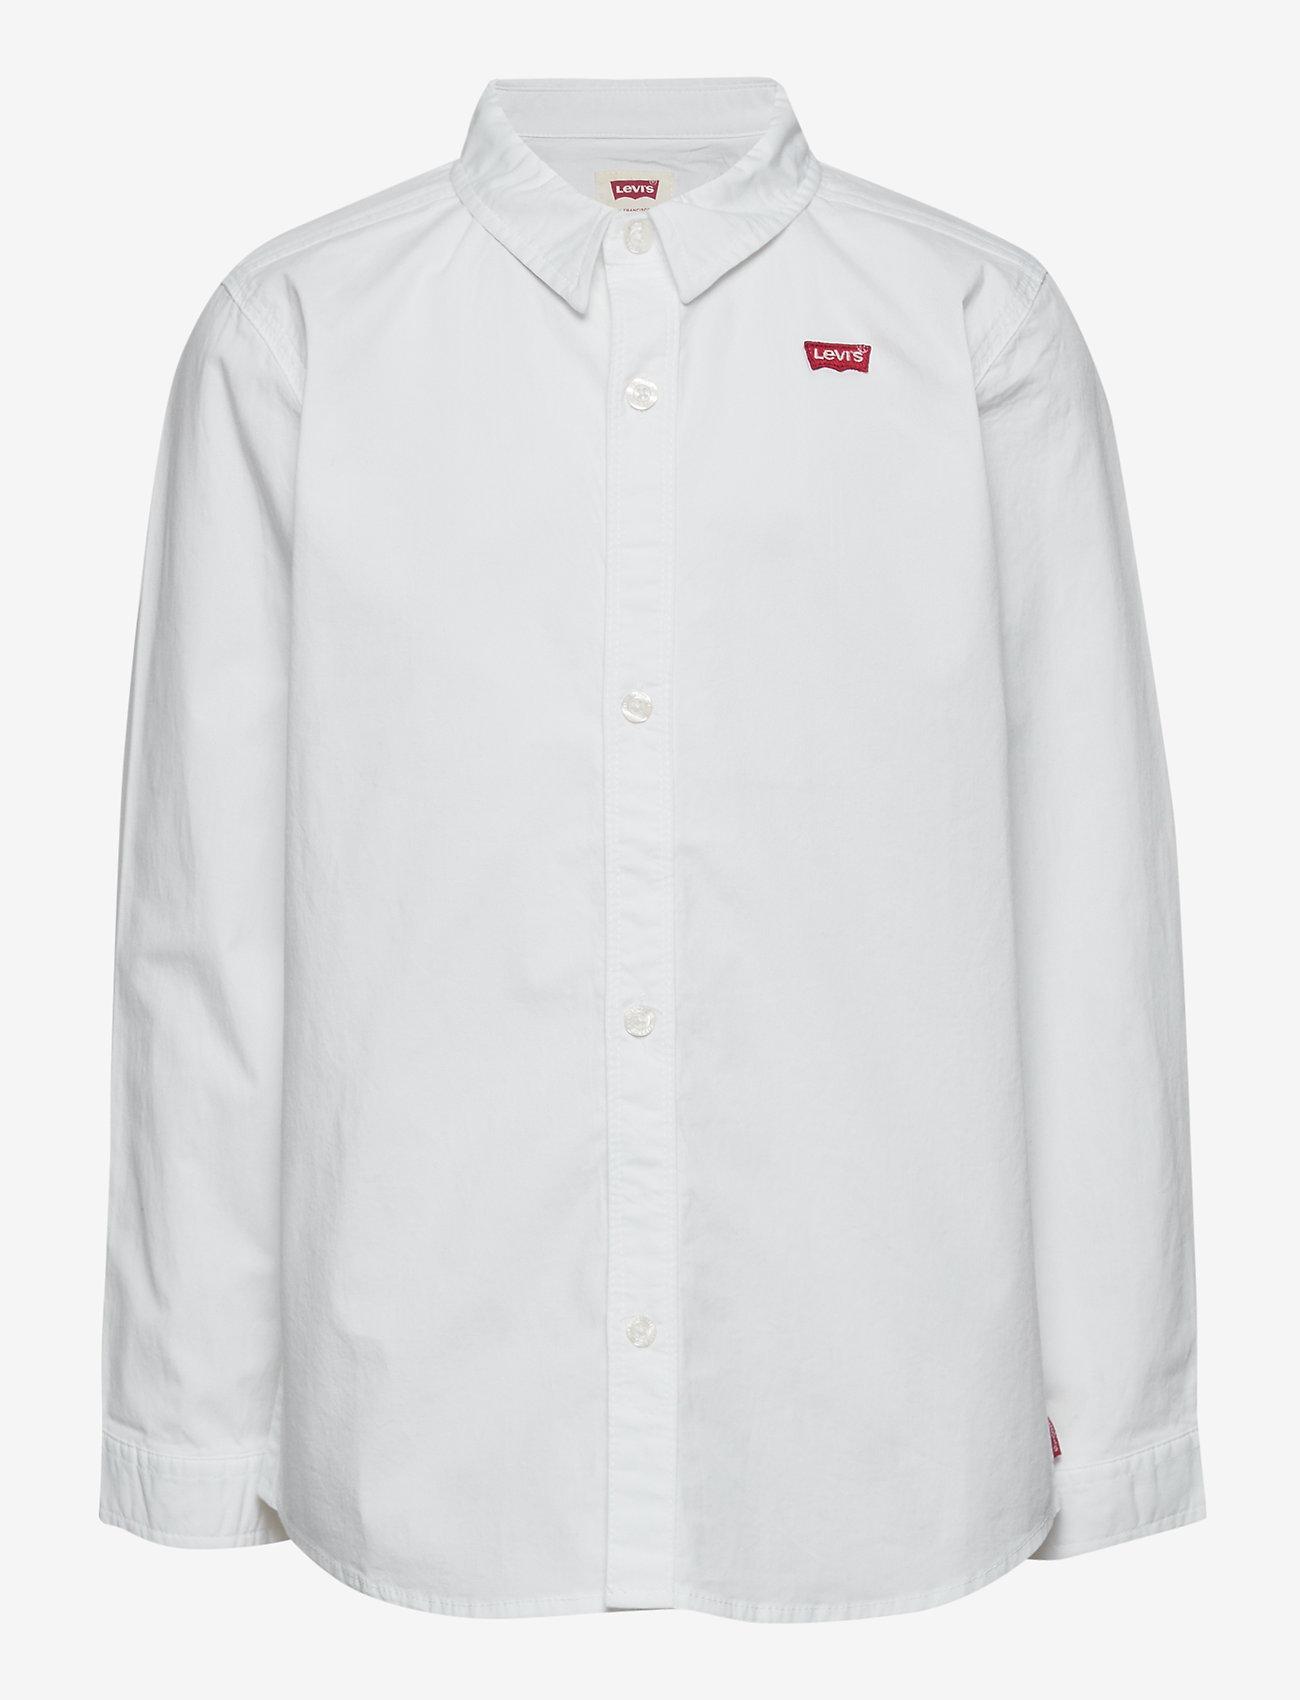 Levi's - LVB LS WOVEN BUTTON UP SHIRT - overhemden - white - 0